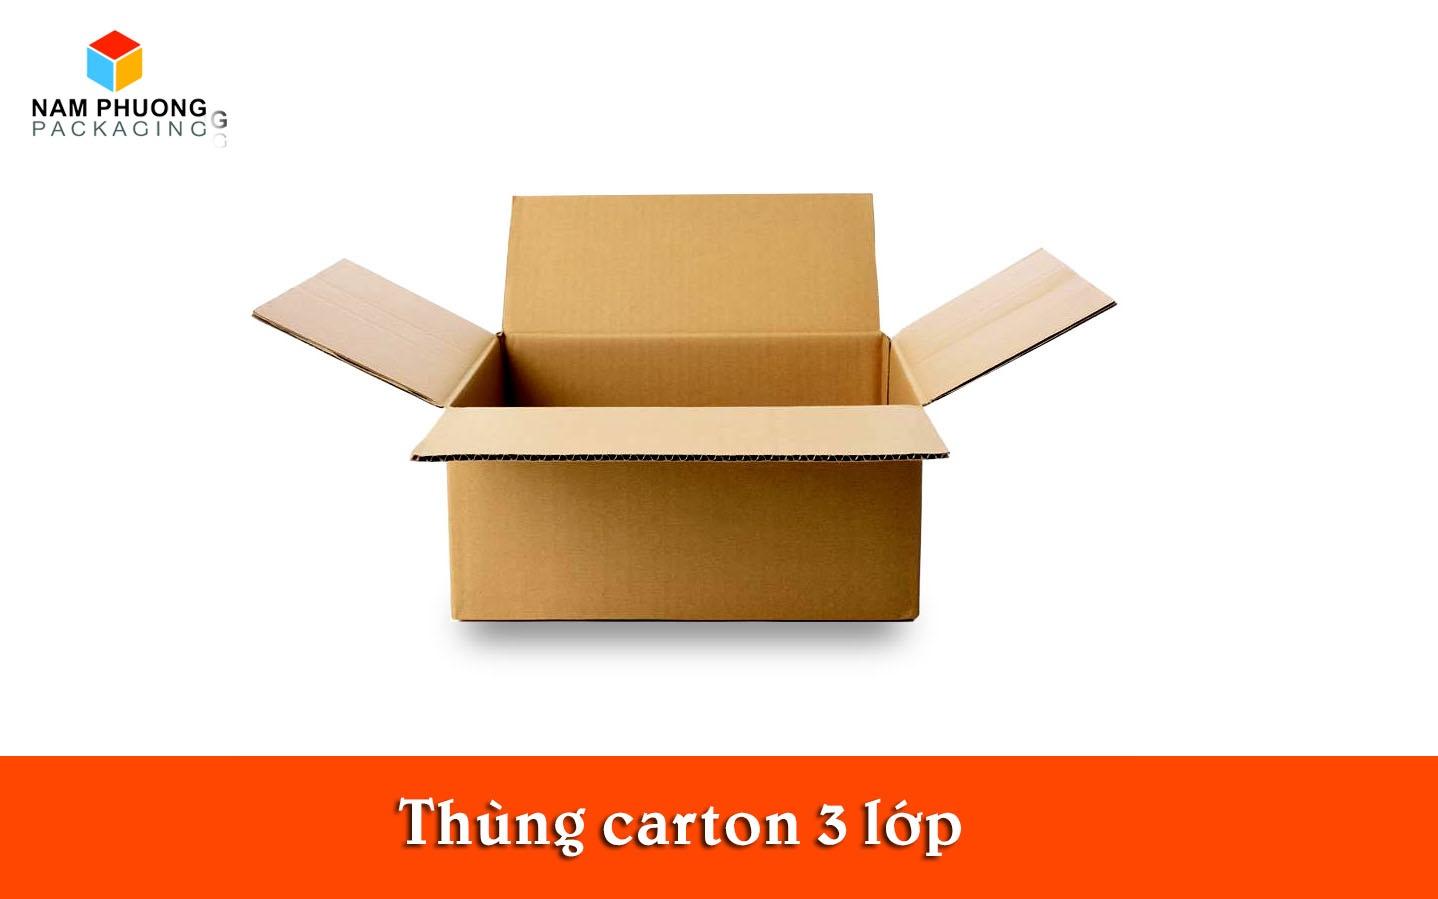 thung-carton-3-lop-1